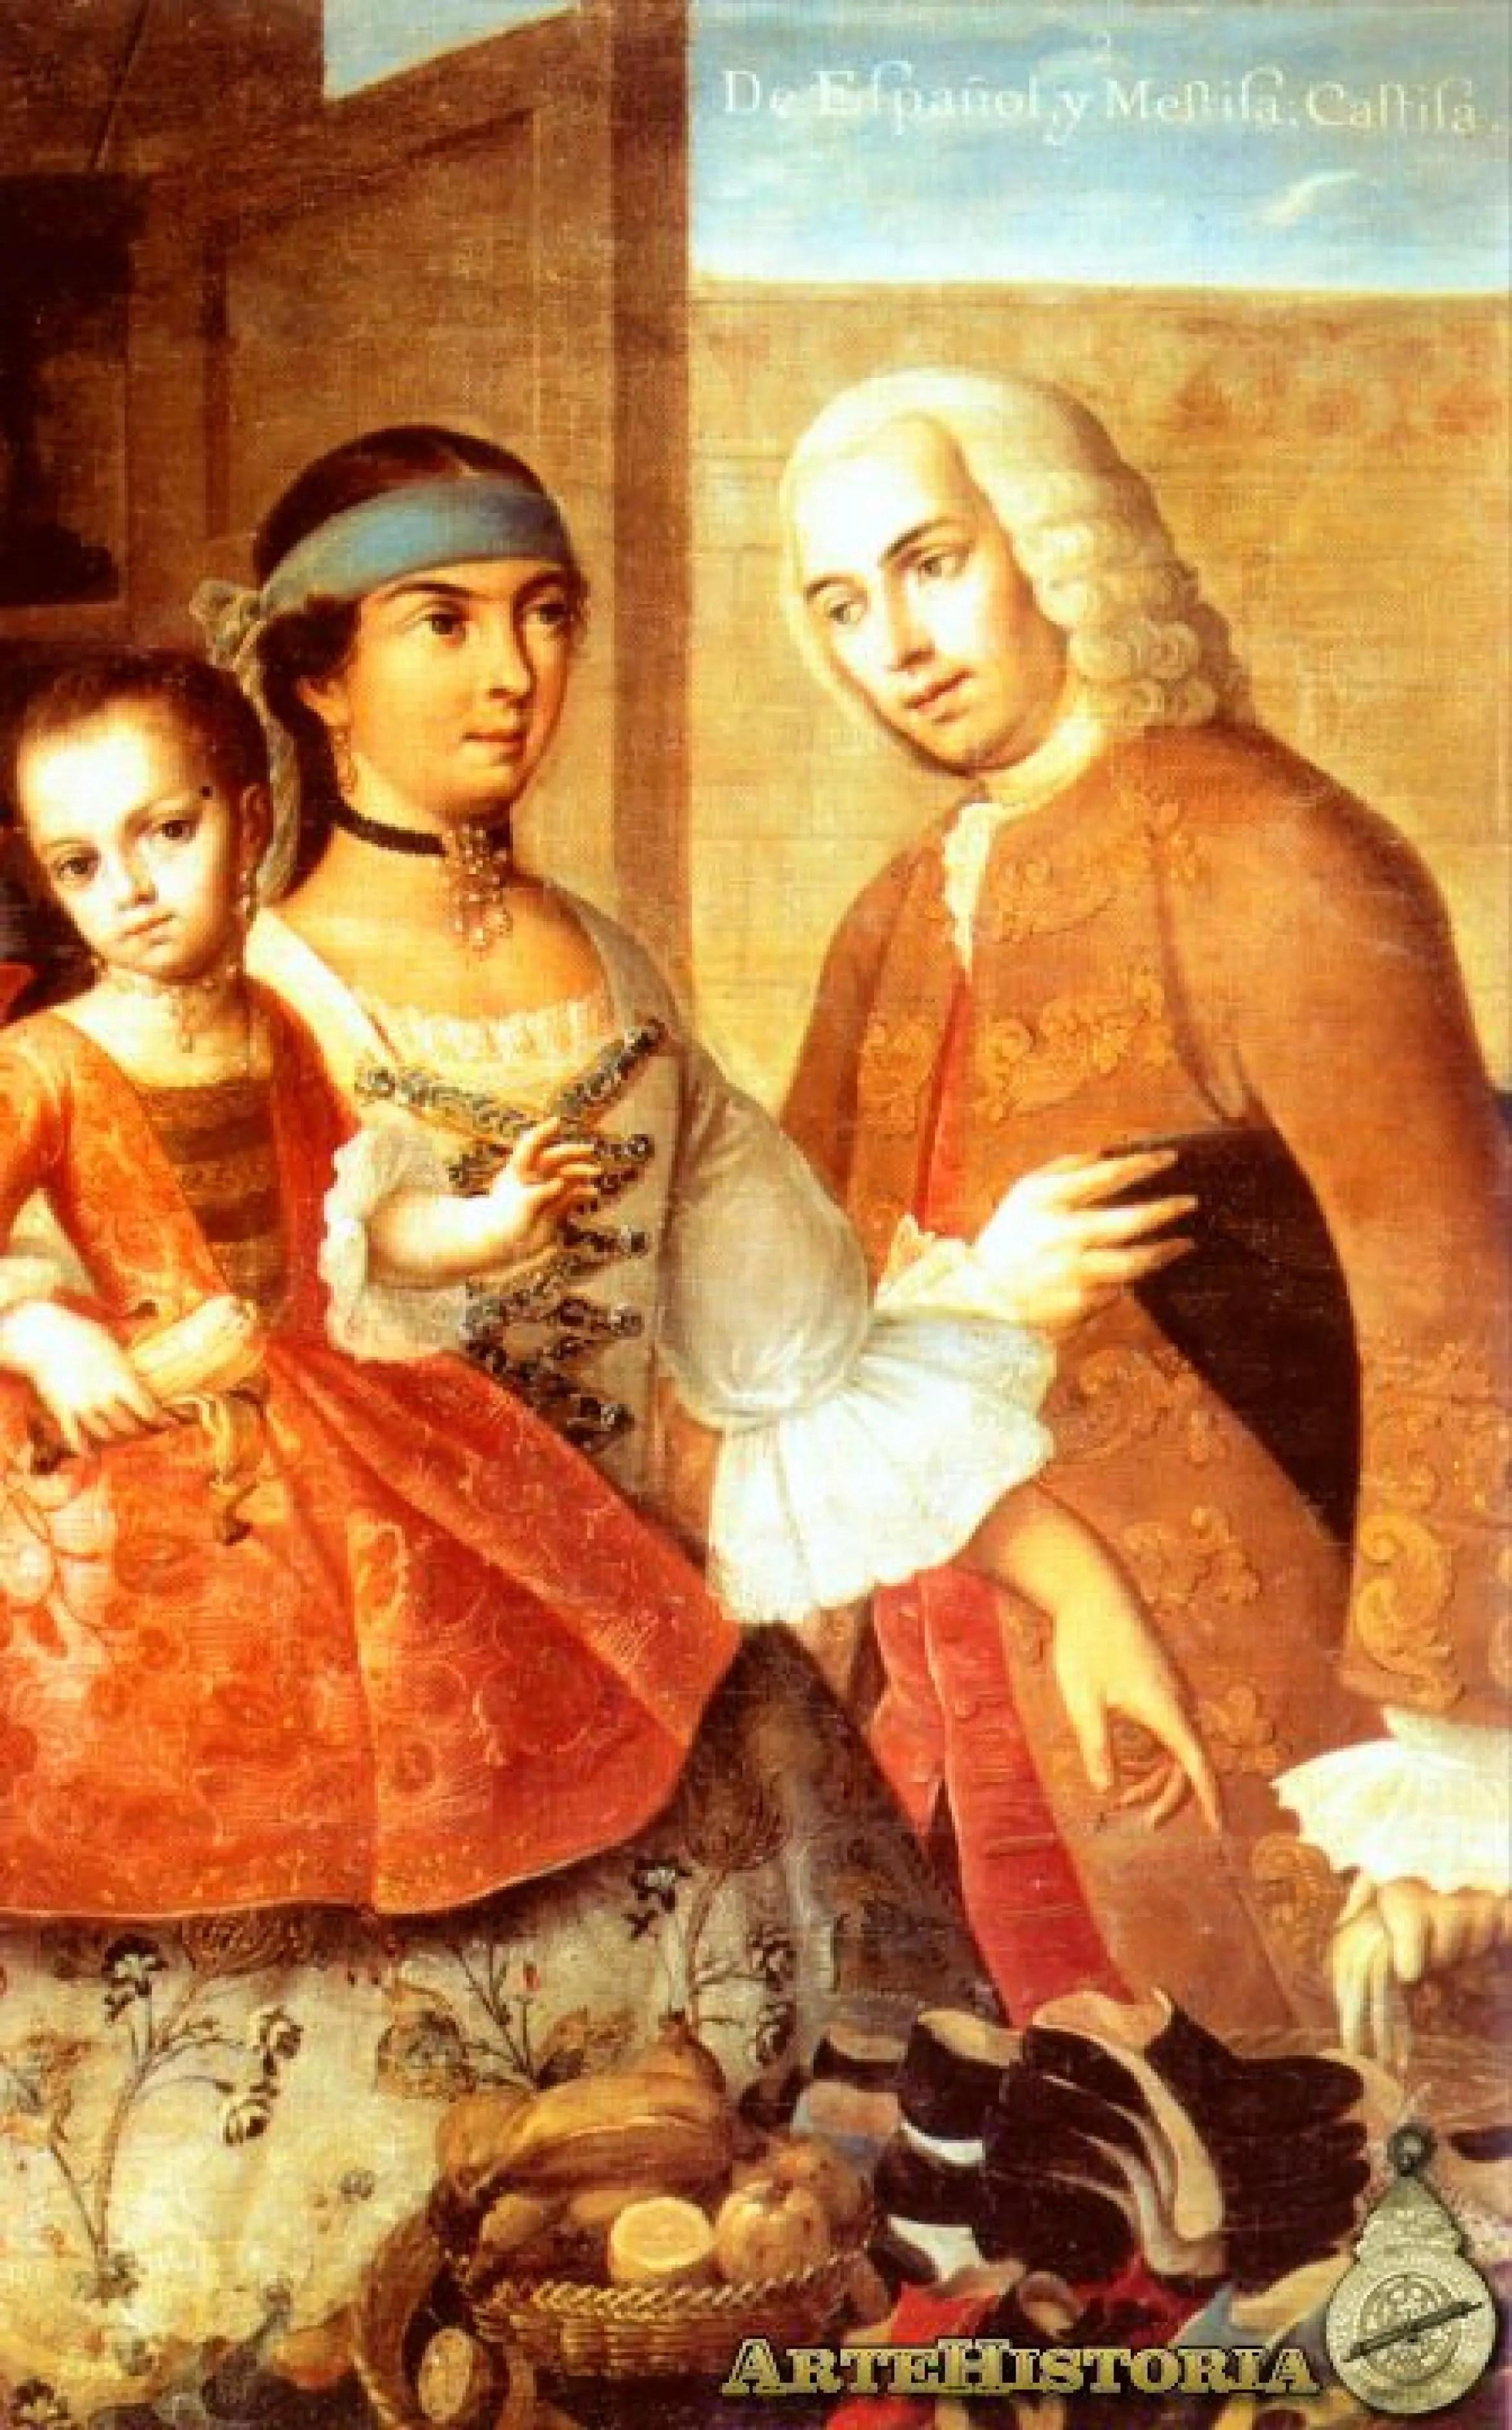 Pintura de mestizaje De Espaol y Mestiza Castiza